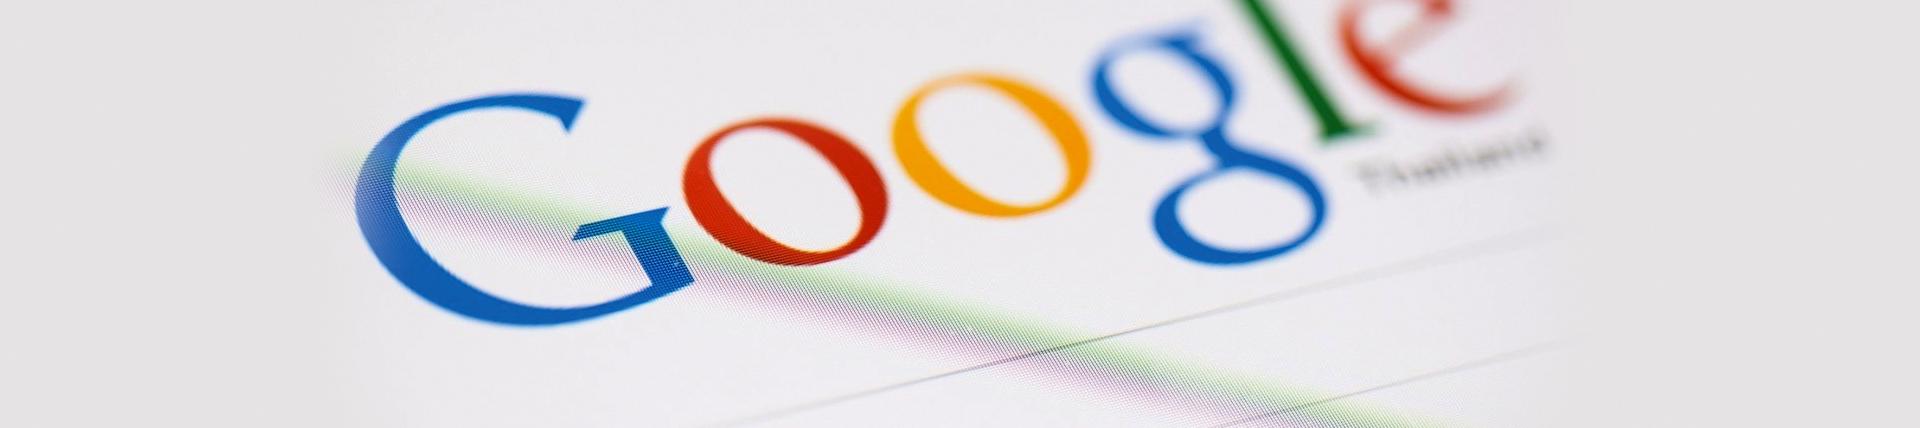 谷歌无人机配送来了!斥重金收购域名wing.com并启用